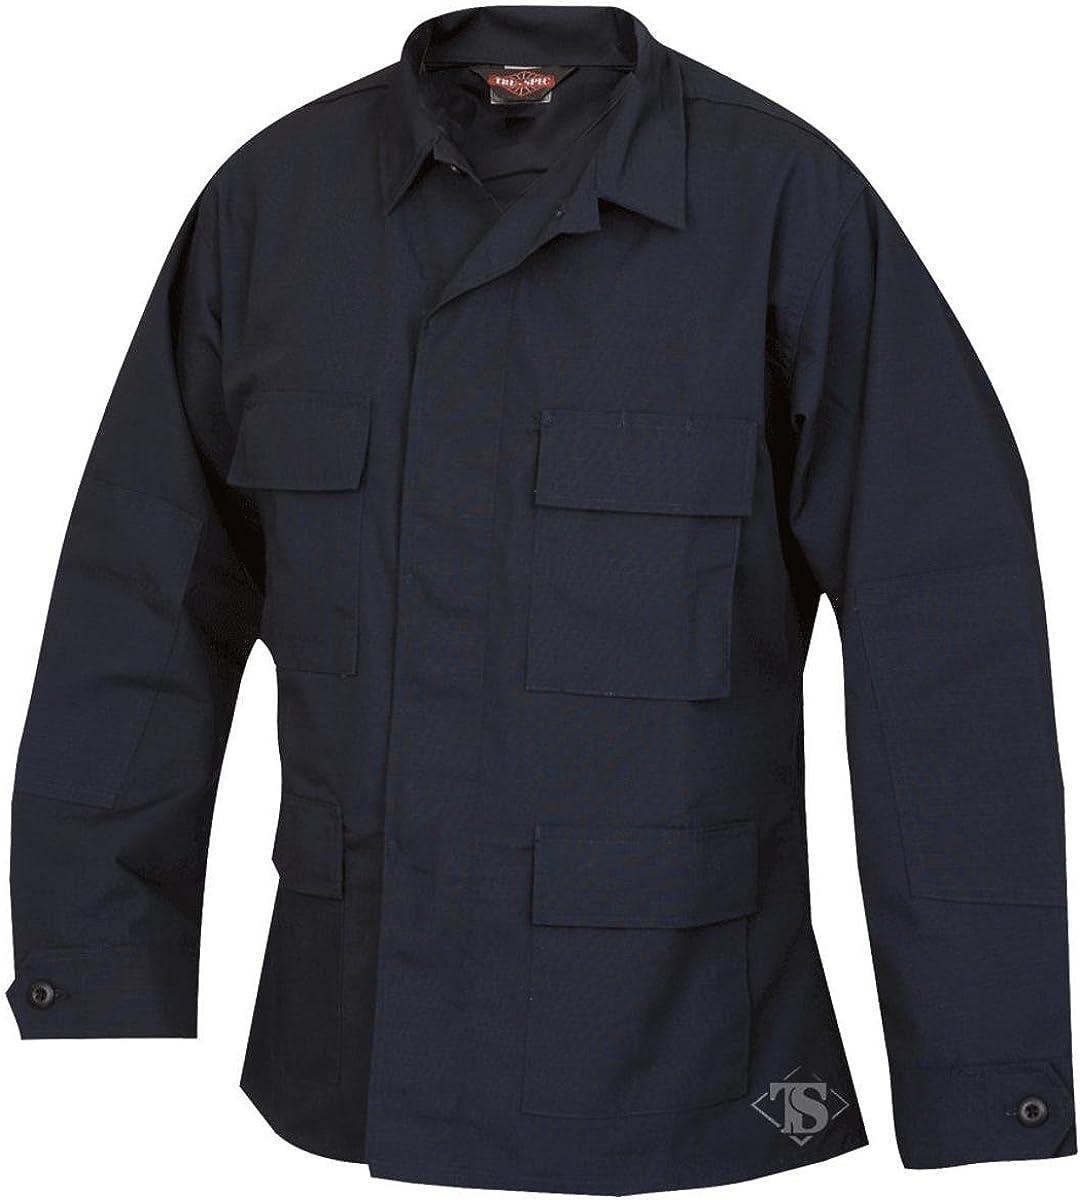 Tru-Spec 1331 Mens Max Shipping included 82% OFF BDU Coat Uniform Shirt Navy Tactical Combat